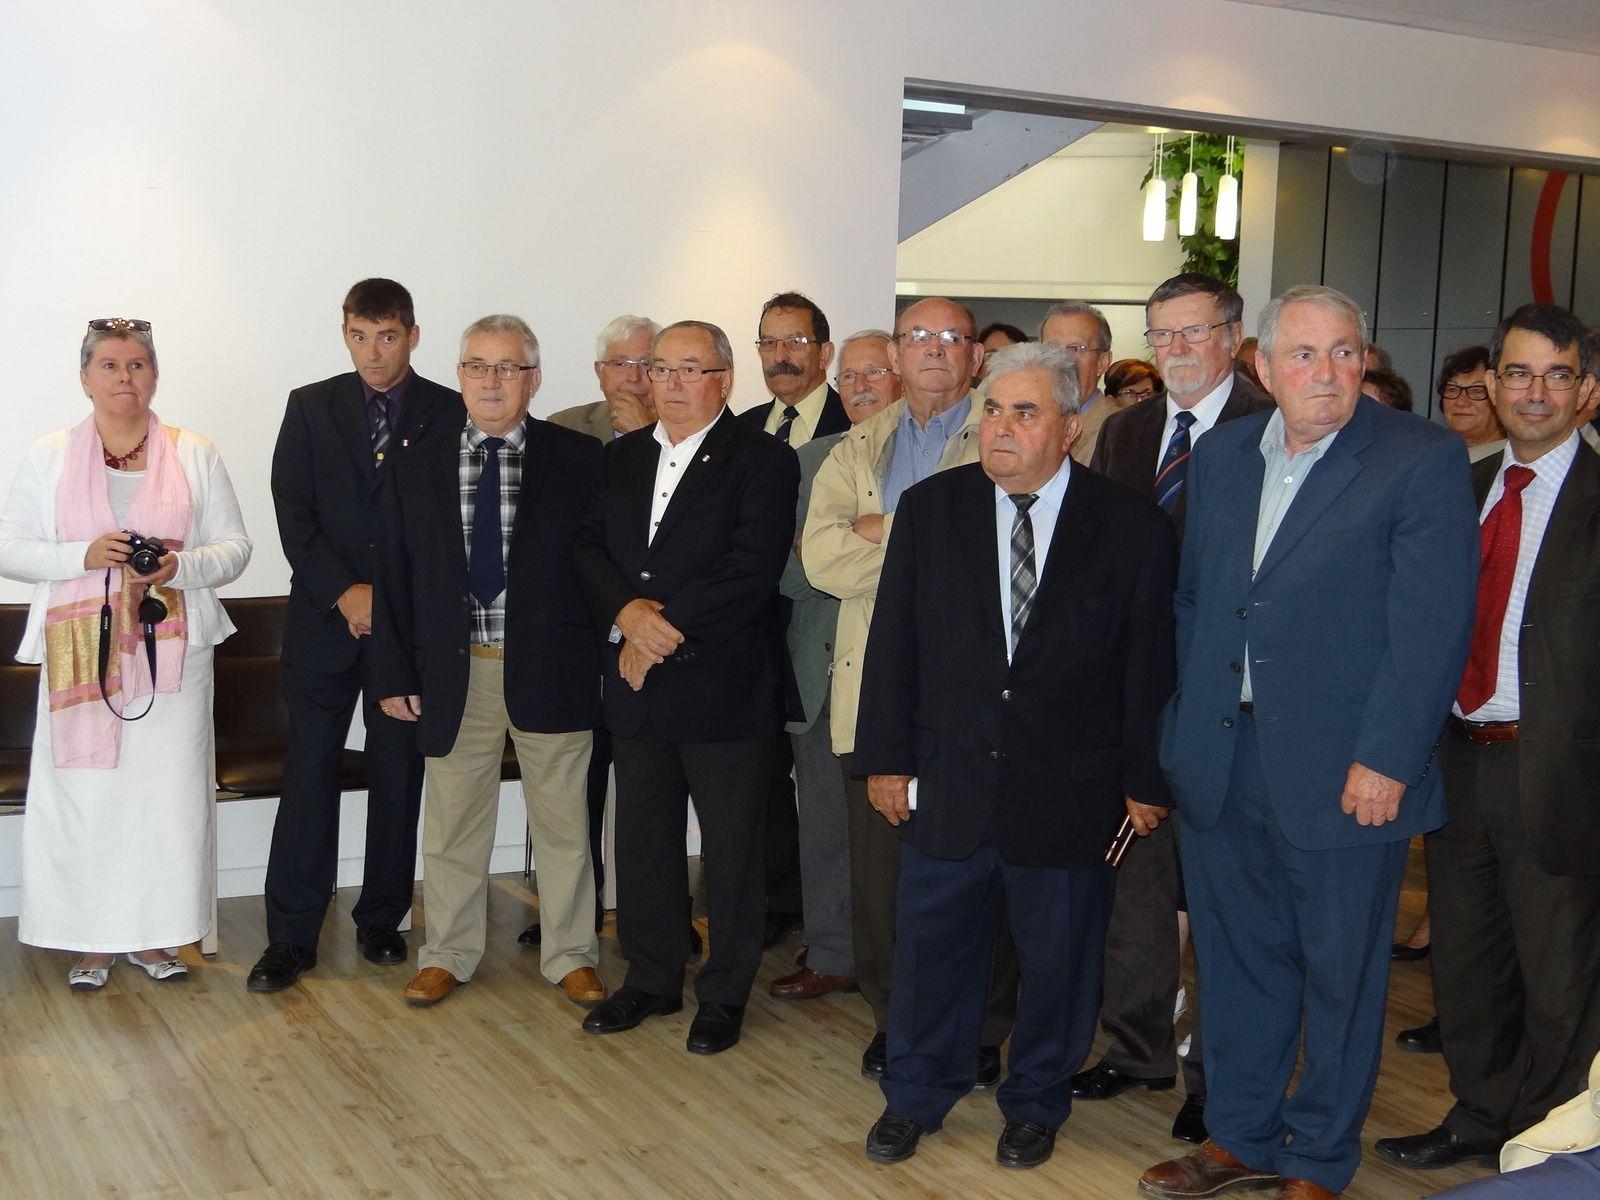 remise des insignes dans l'ordre national du mérite à Marcel Baron, président départemental de l'UNC.